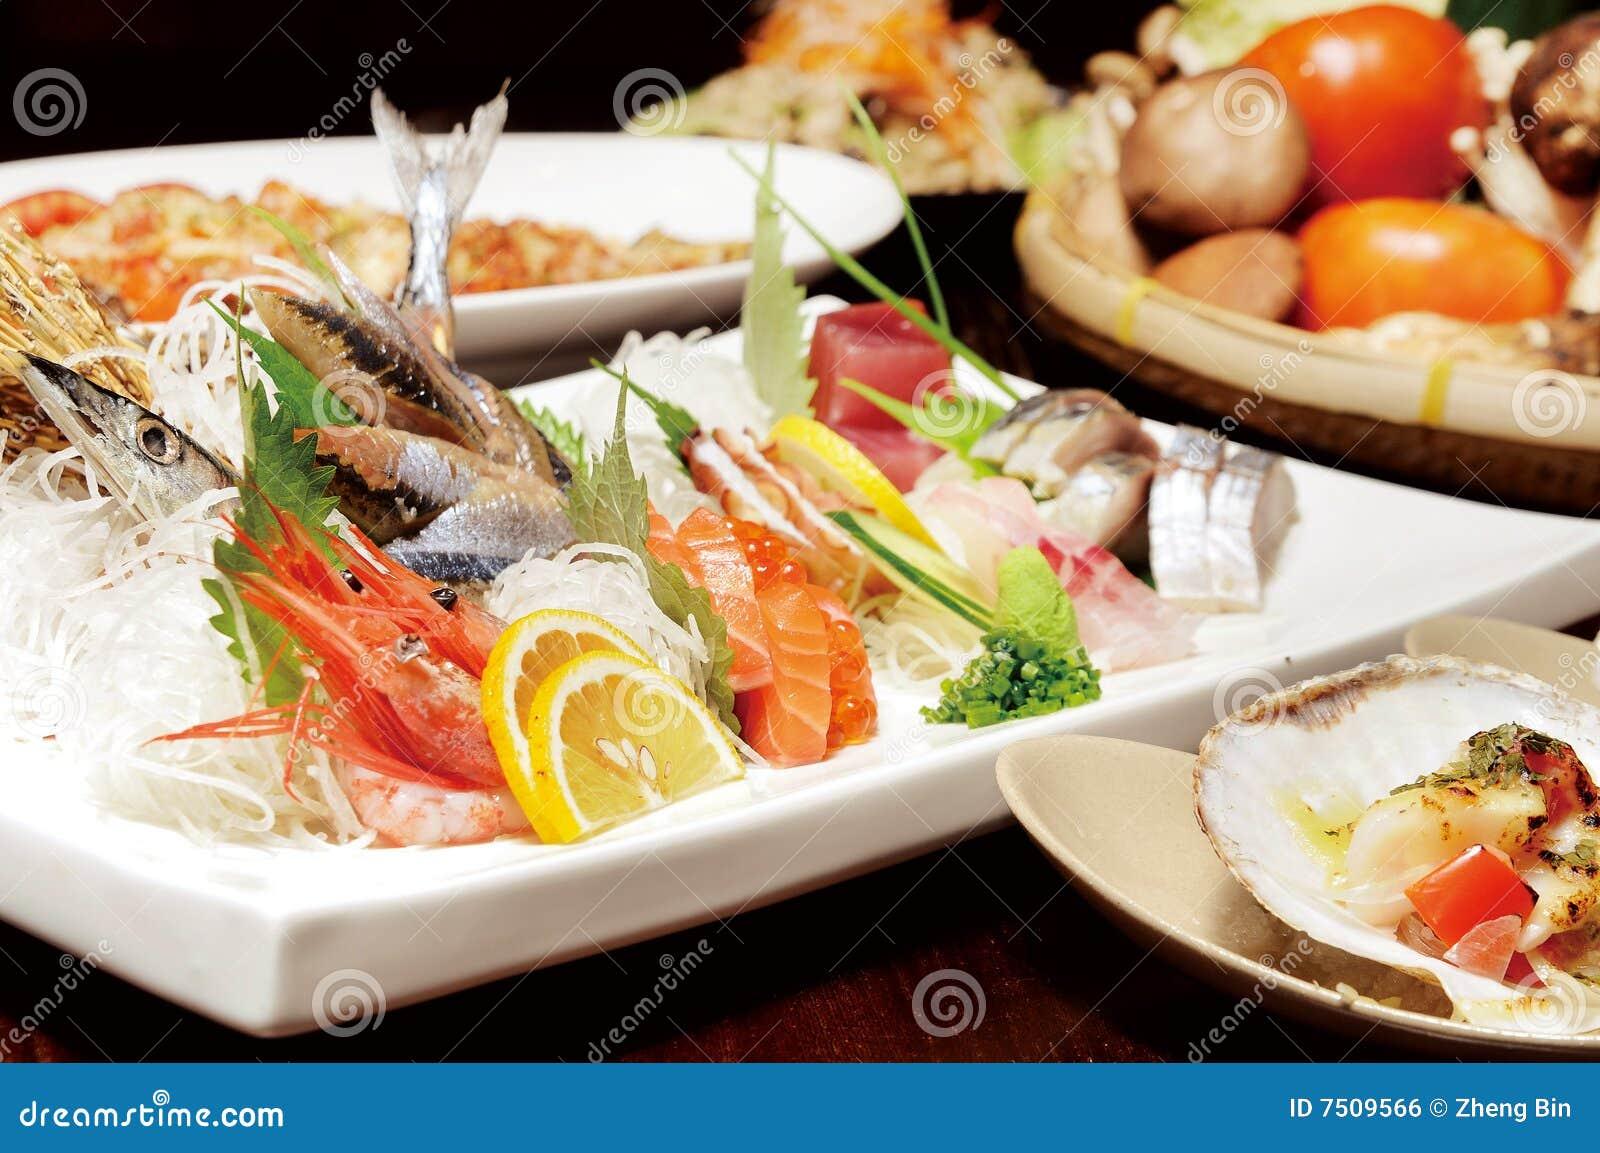 Japonais de nourriture image libre de droits image 7509566 for Poisson japonais nourriture